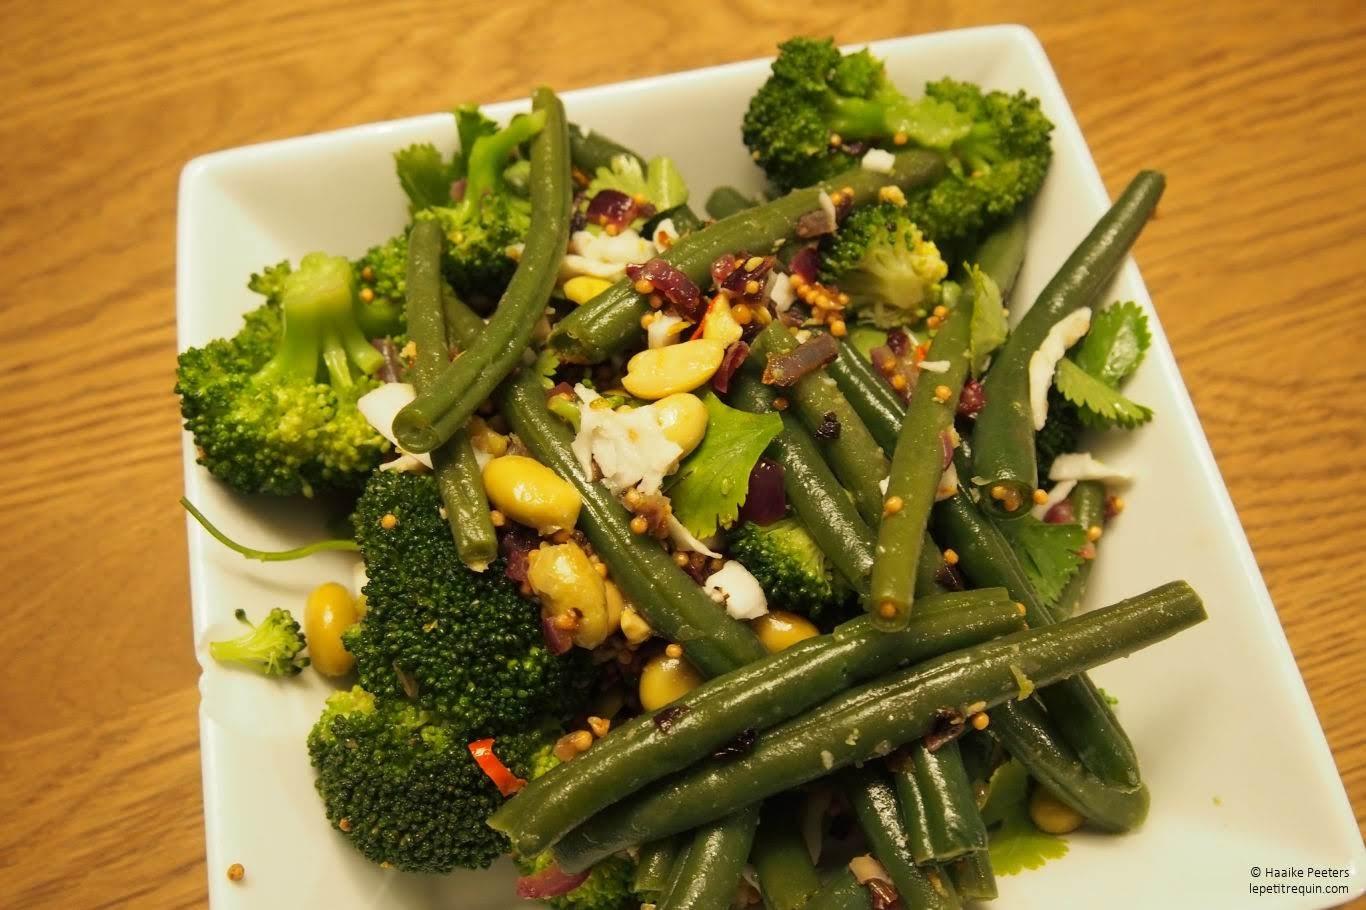 Salade met broccoli, boontjes, edamamebonen en kokos (Le petit requin)